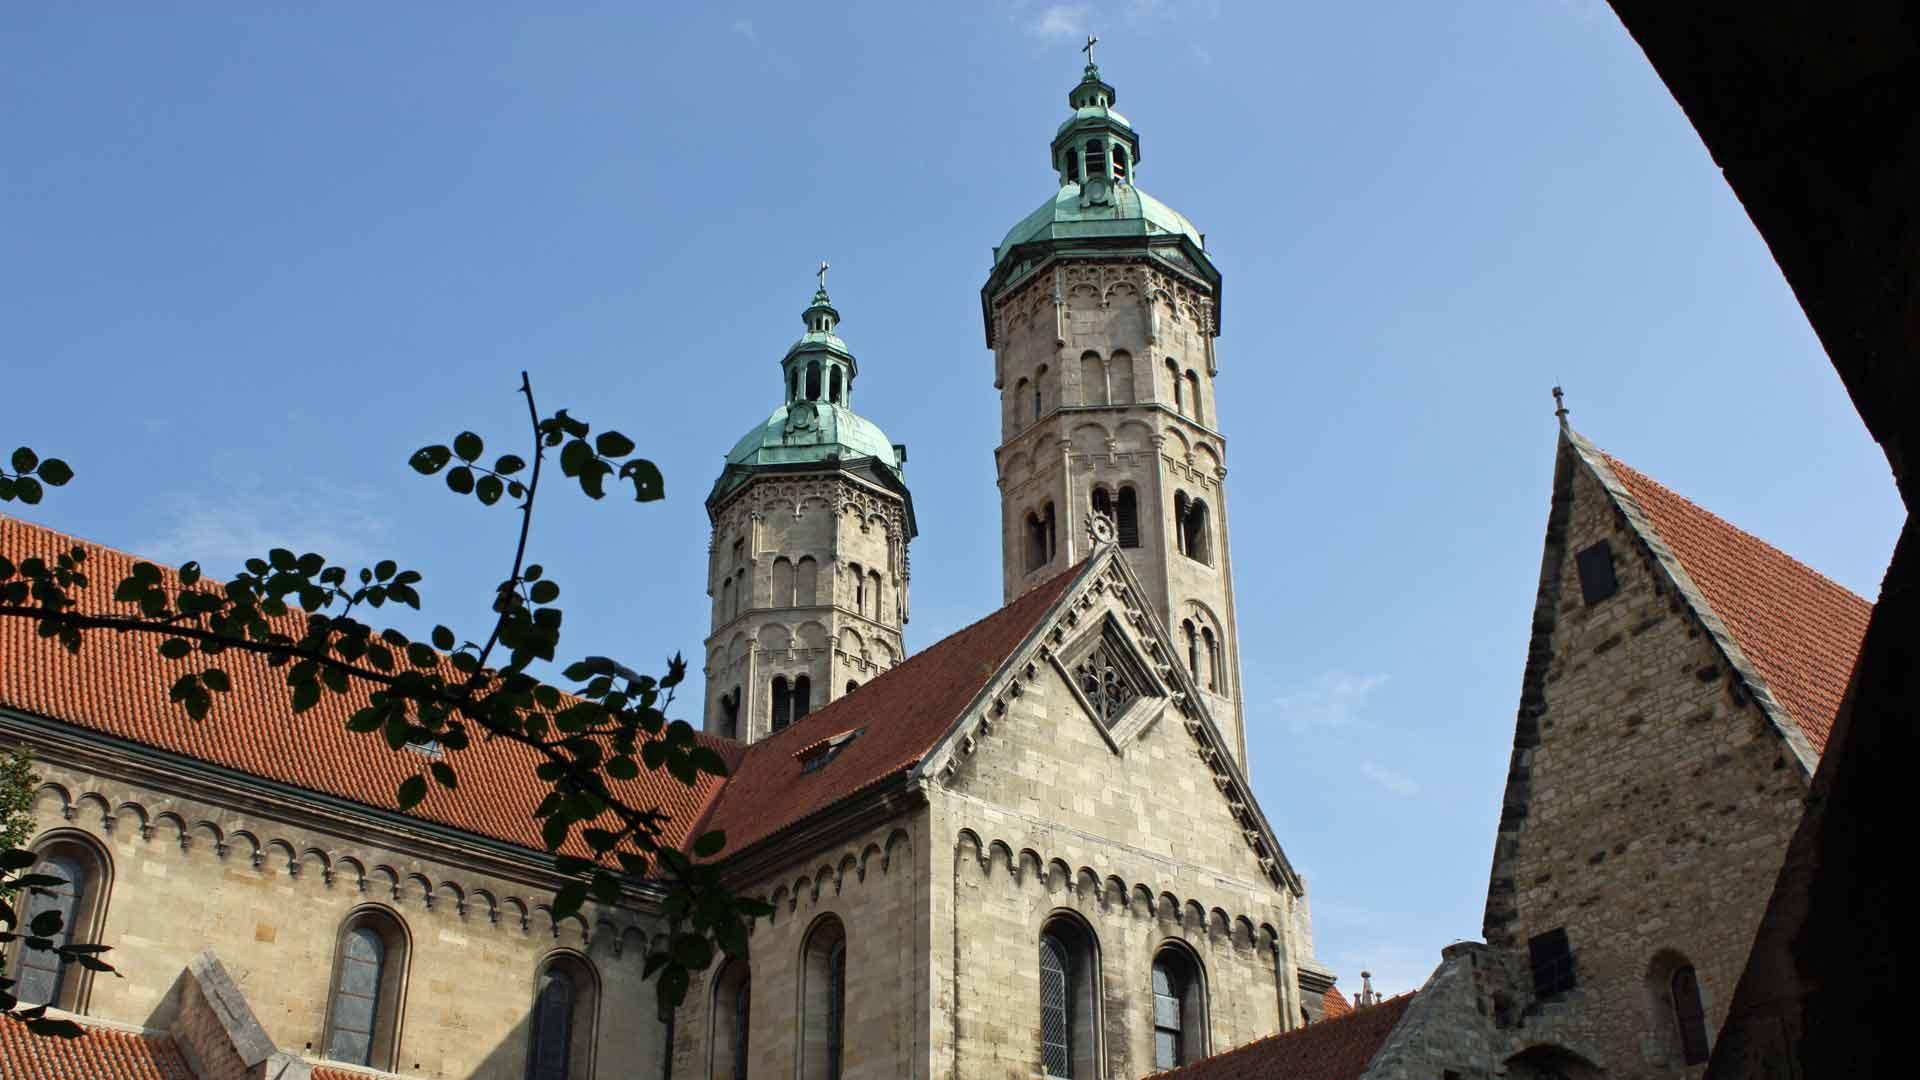 De prachtige Dom van Naumburg.